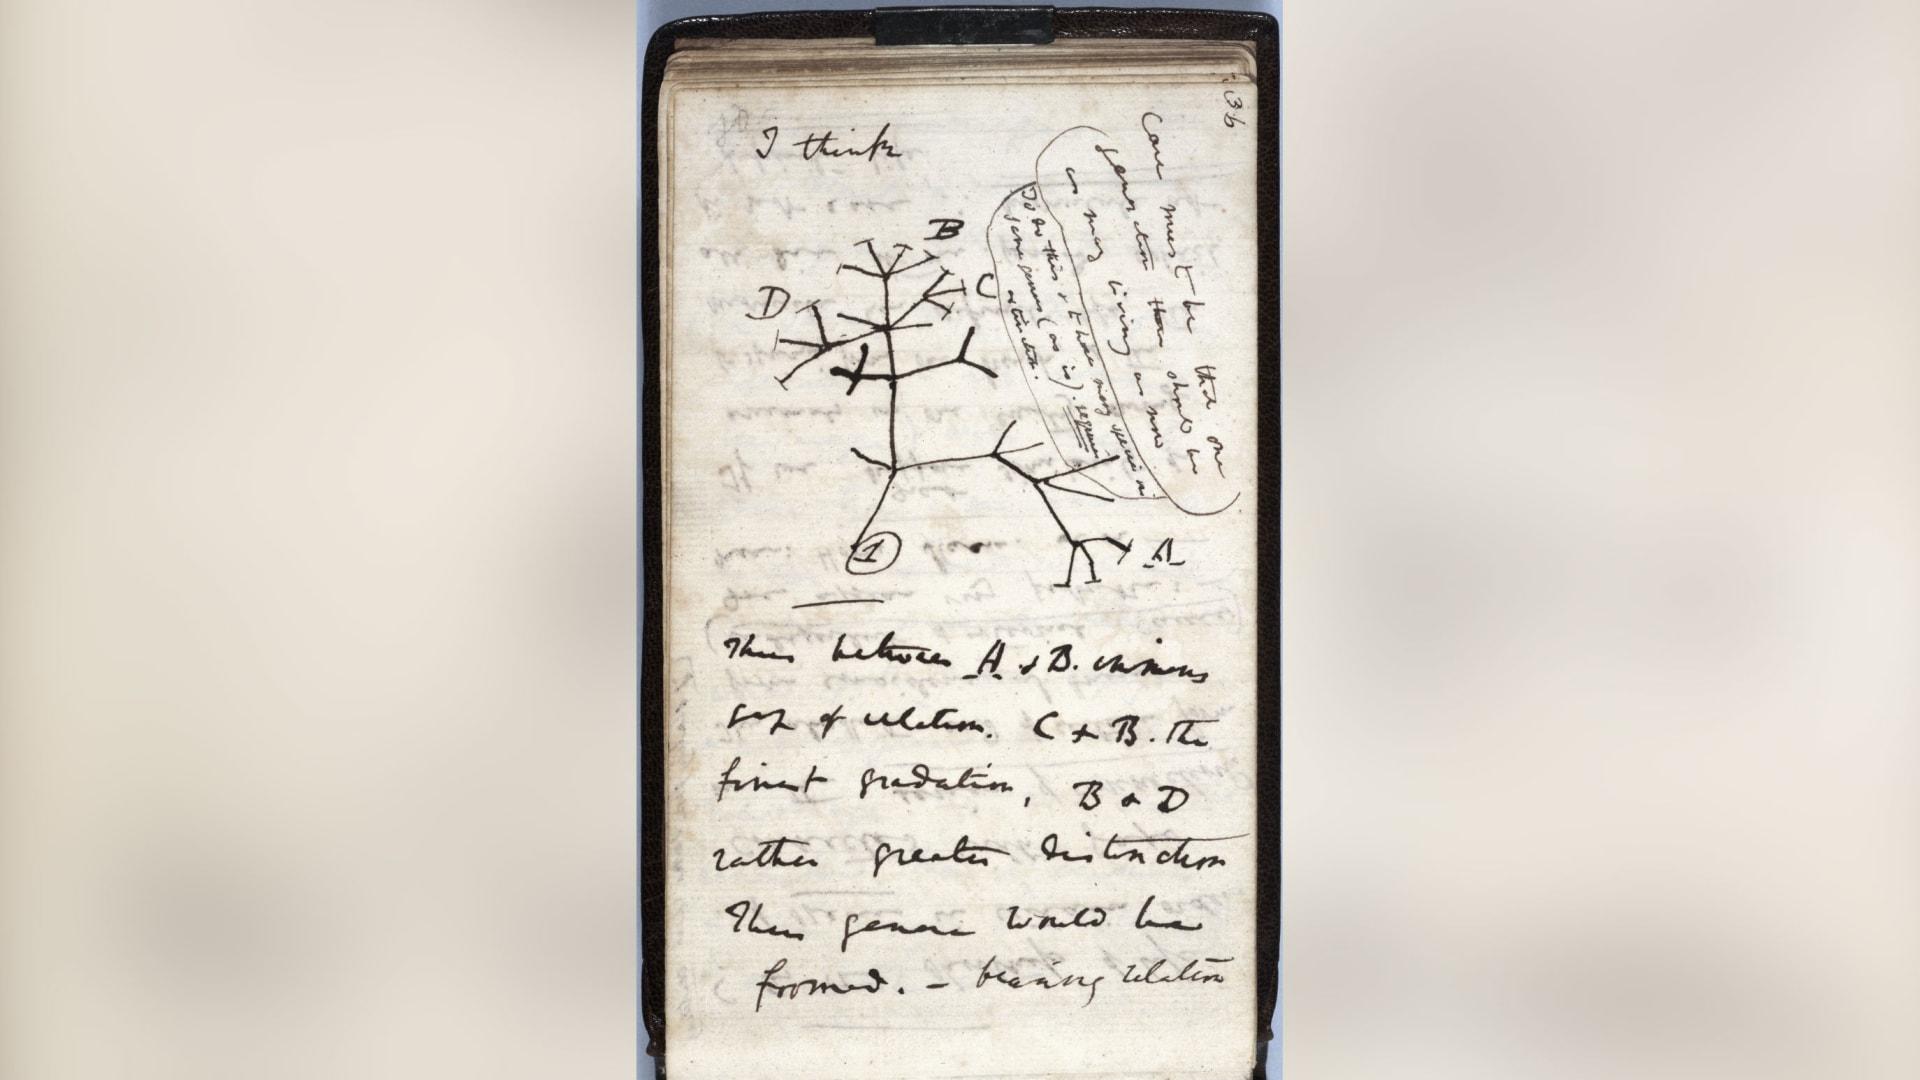 مفقودة أم مسروقة؟ الغموض يحيط بمجموعة قيمة من دفاتر العالم تشارلز داروين